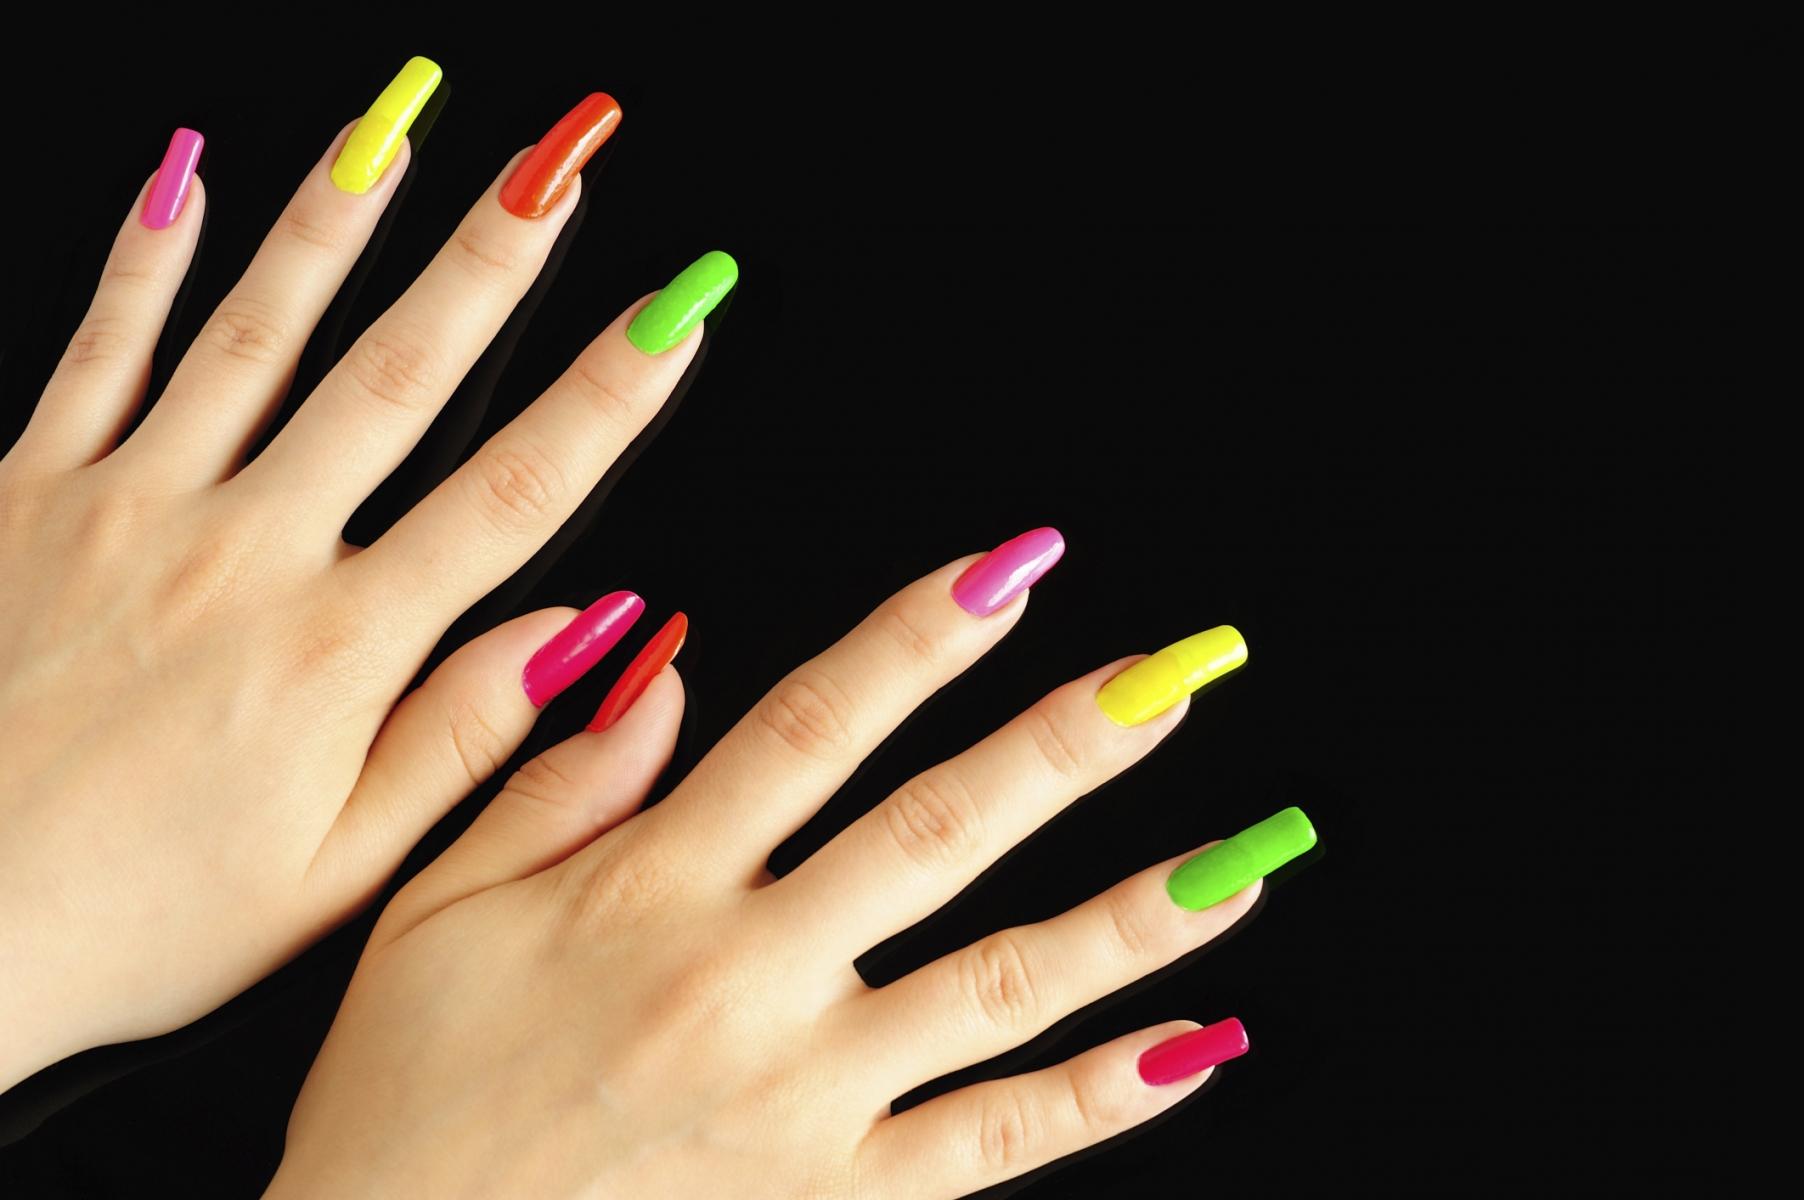 Uñas postizas dañan la salud de tus manos   Salud180